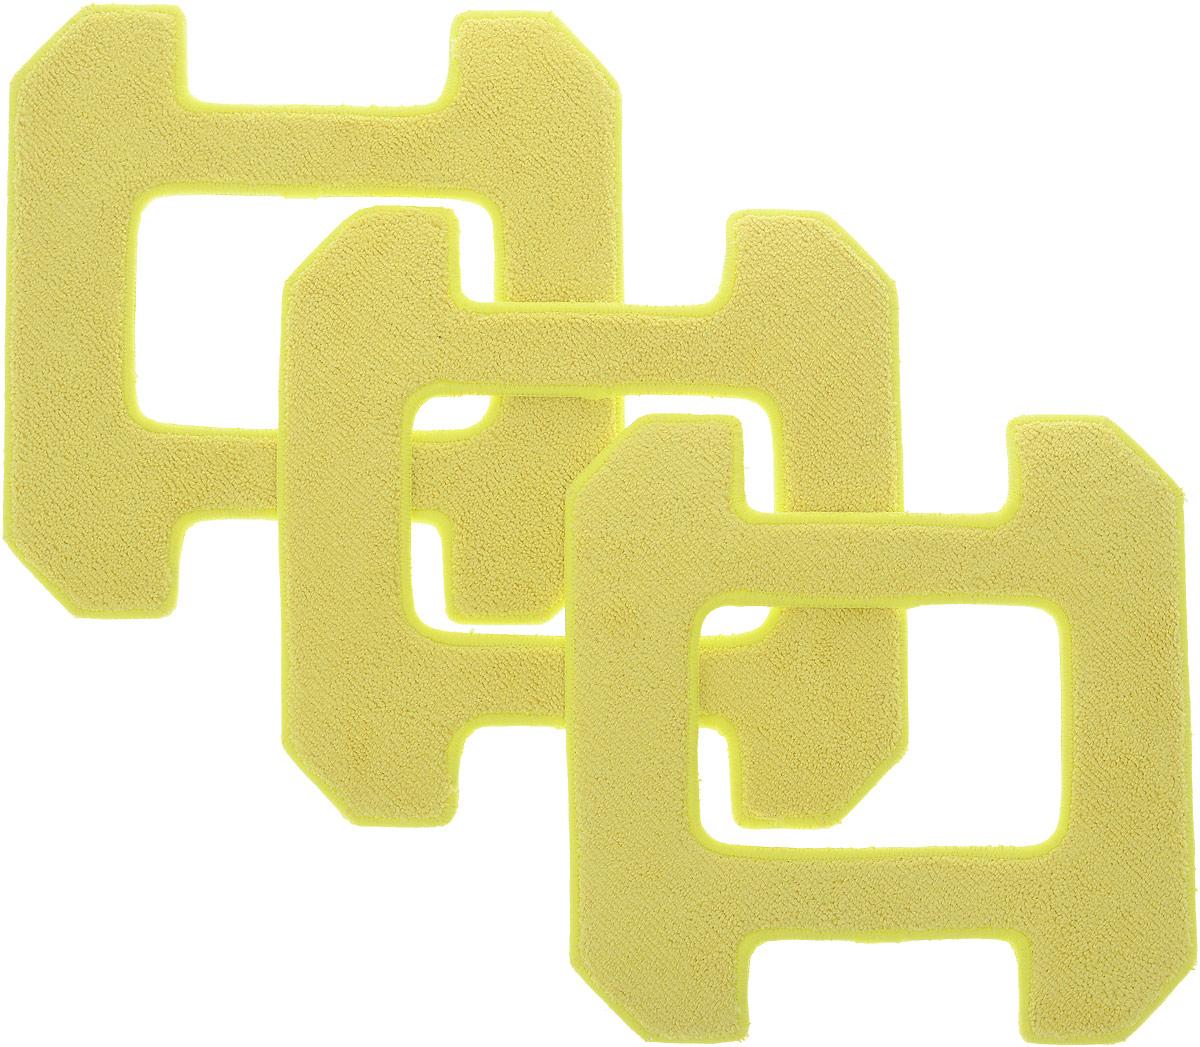 Hobot 268, Yellowчистящие салфетки для влажной уборки, 3 шт Hobot